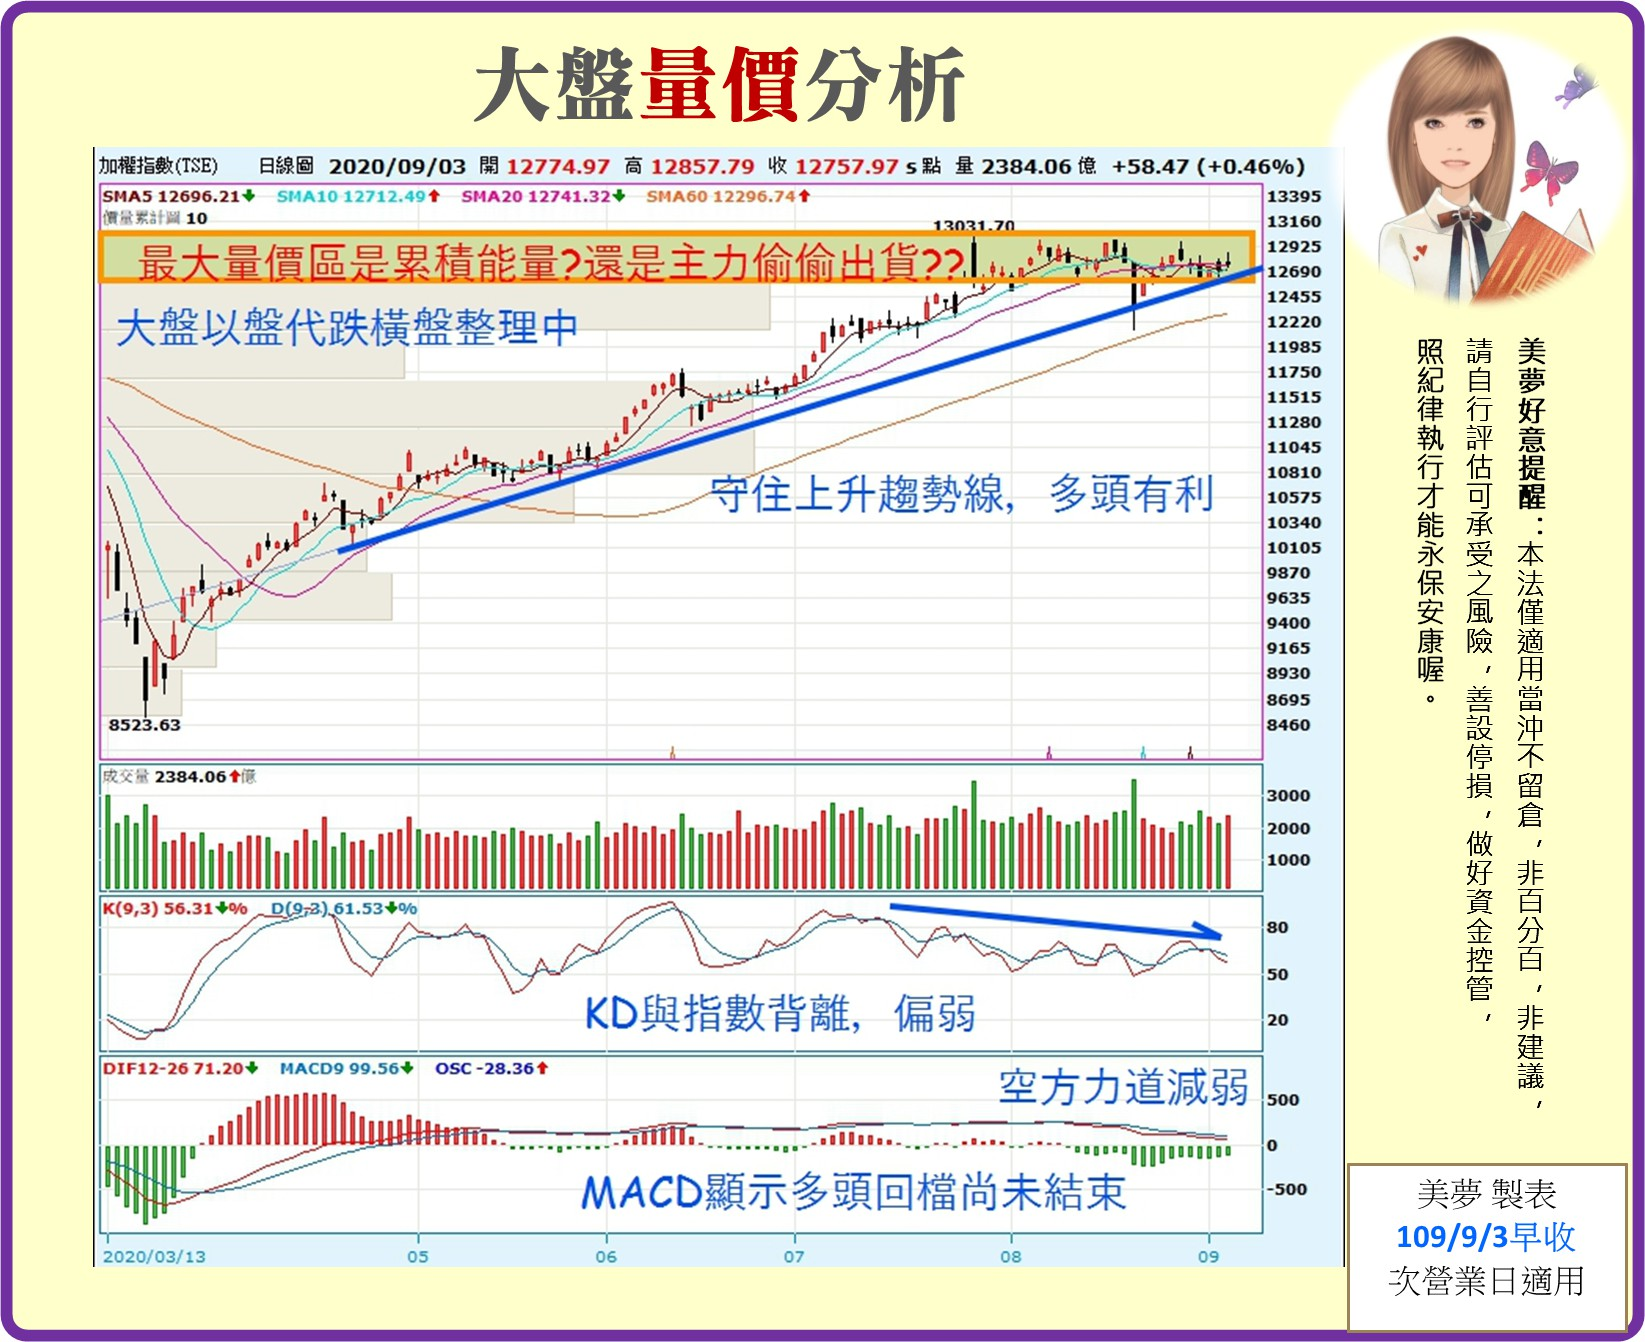 1090904 美夢冠軍-股市_02